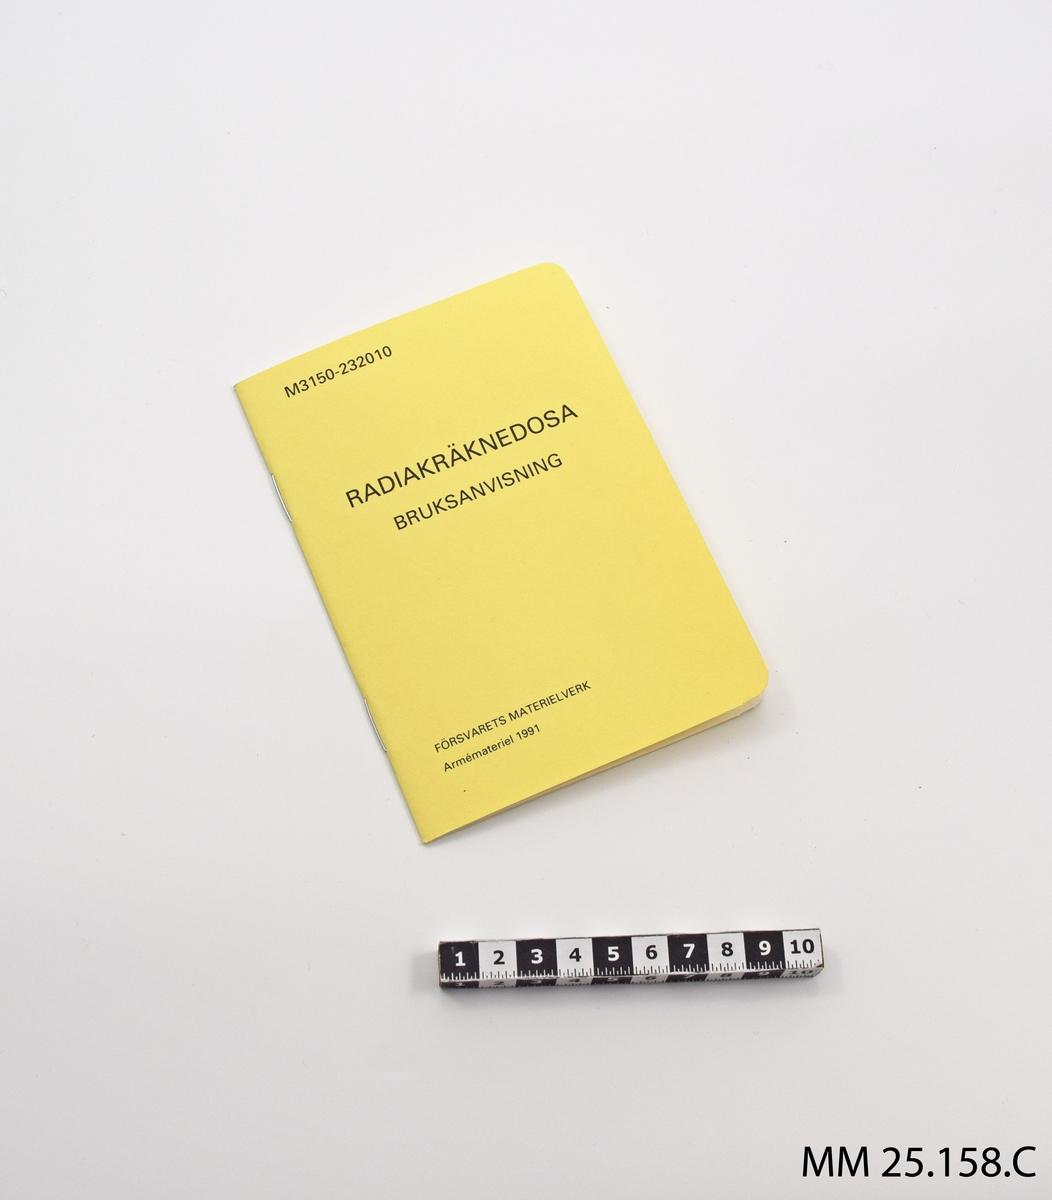 """Häfte som hålls ihop av två häftklamrar. Pärmen gul med text: """"M3150-232010 RADIAKRÄKNEDOSA BRUKSANVISNING FÖRSVARETS MATERIELVERK Armémateriel 1991"""". Inne i häftet 20 vita sidor med text om hur radiakräknedosan används. På baksidan av pärmen tabell som visar skyddsfaktorer, det vill säga vilket skydd mot radioaktivt nedfall som kan förväntas i till exempel en stridsvagn eller på en jagare."""